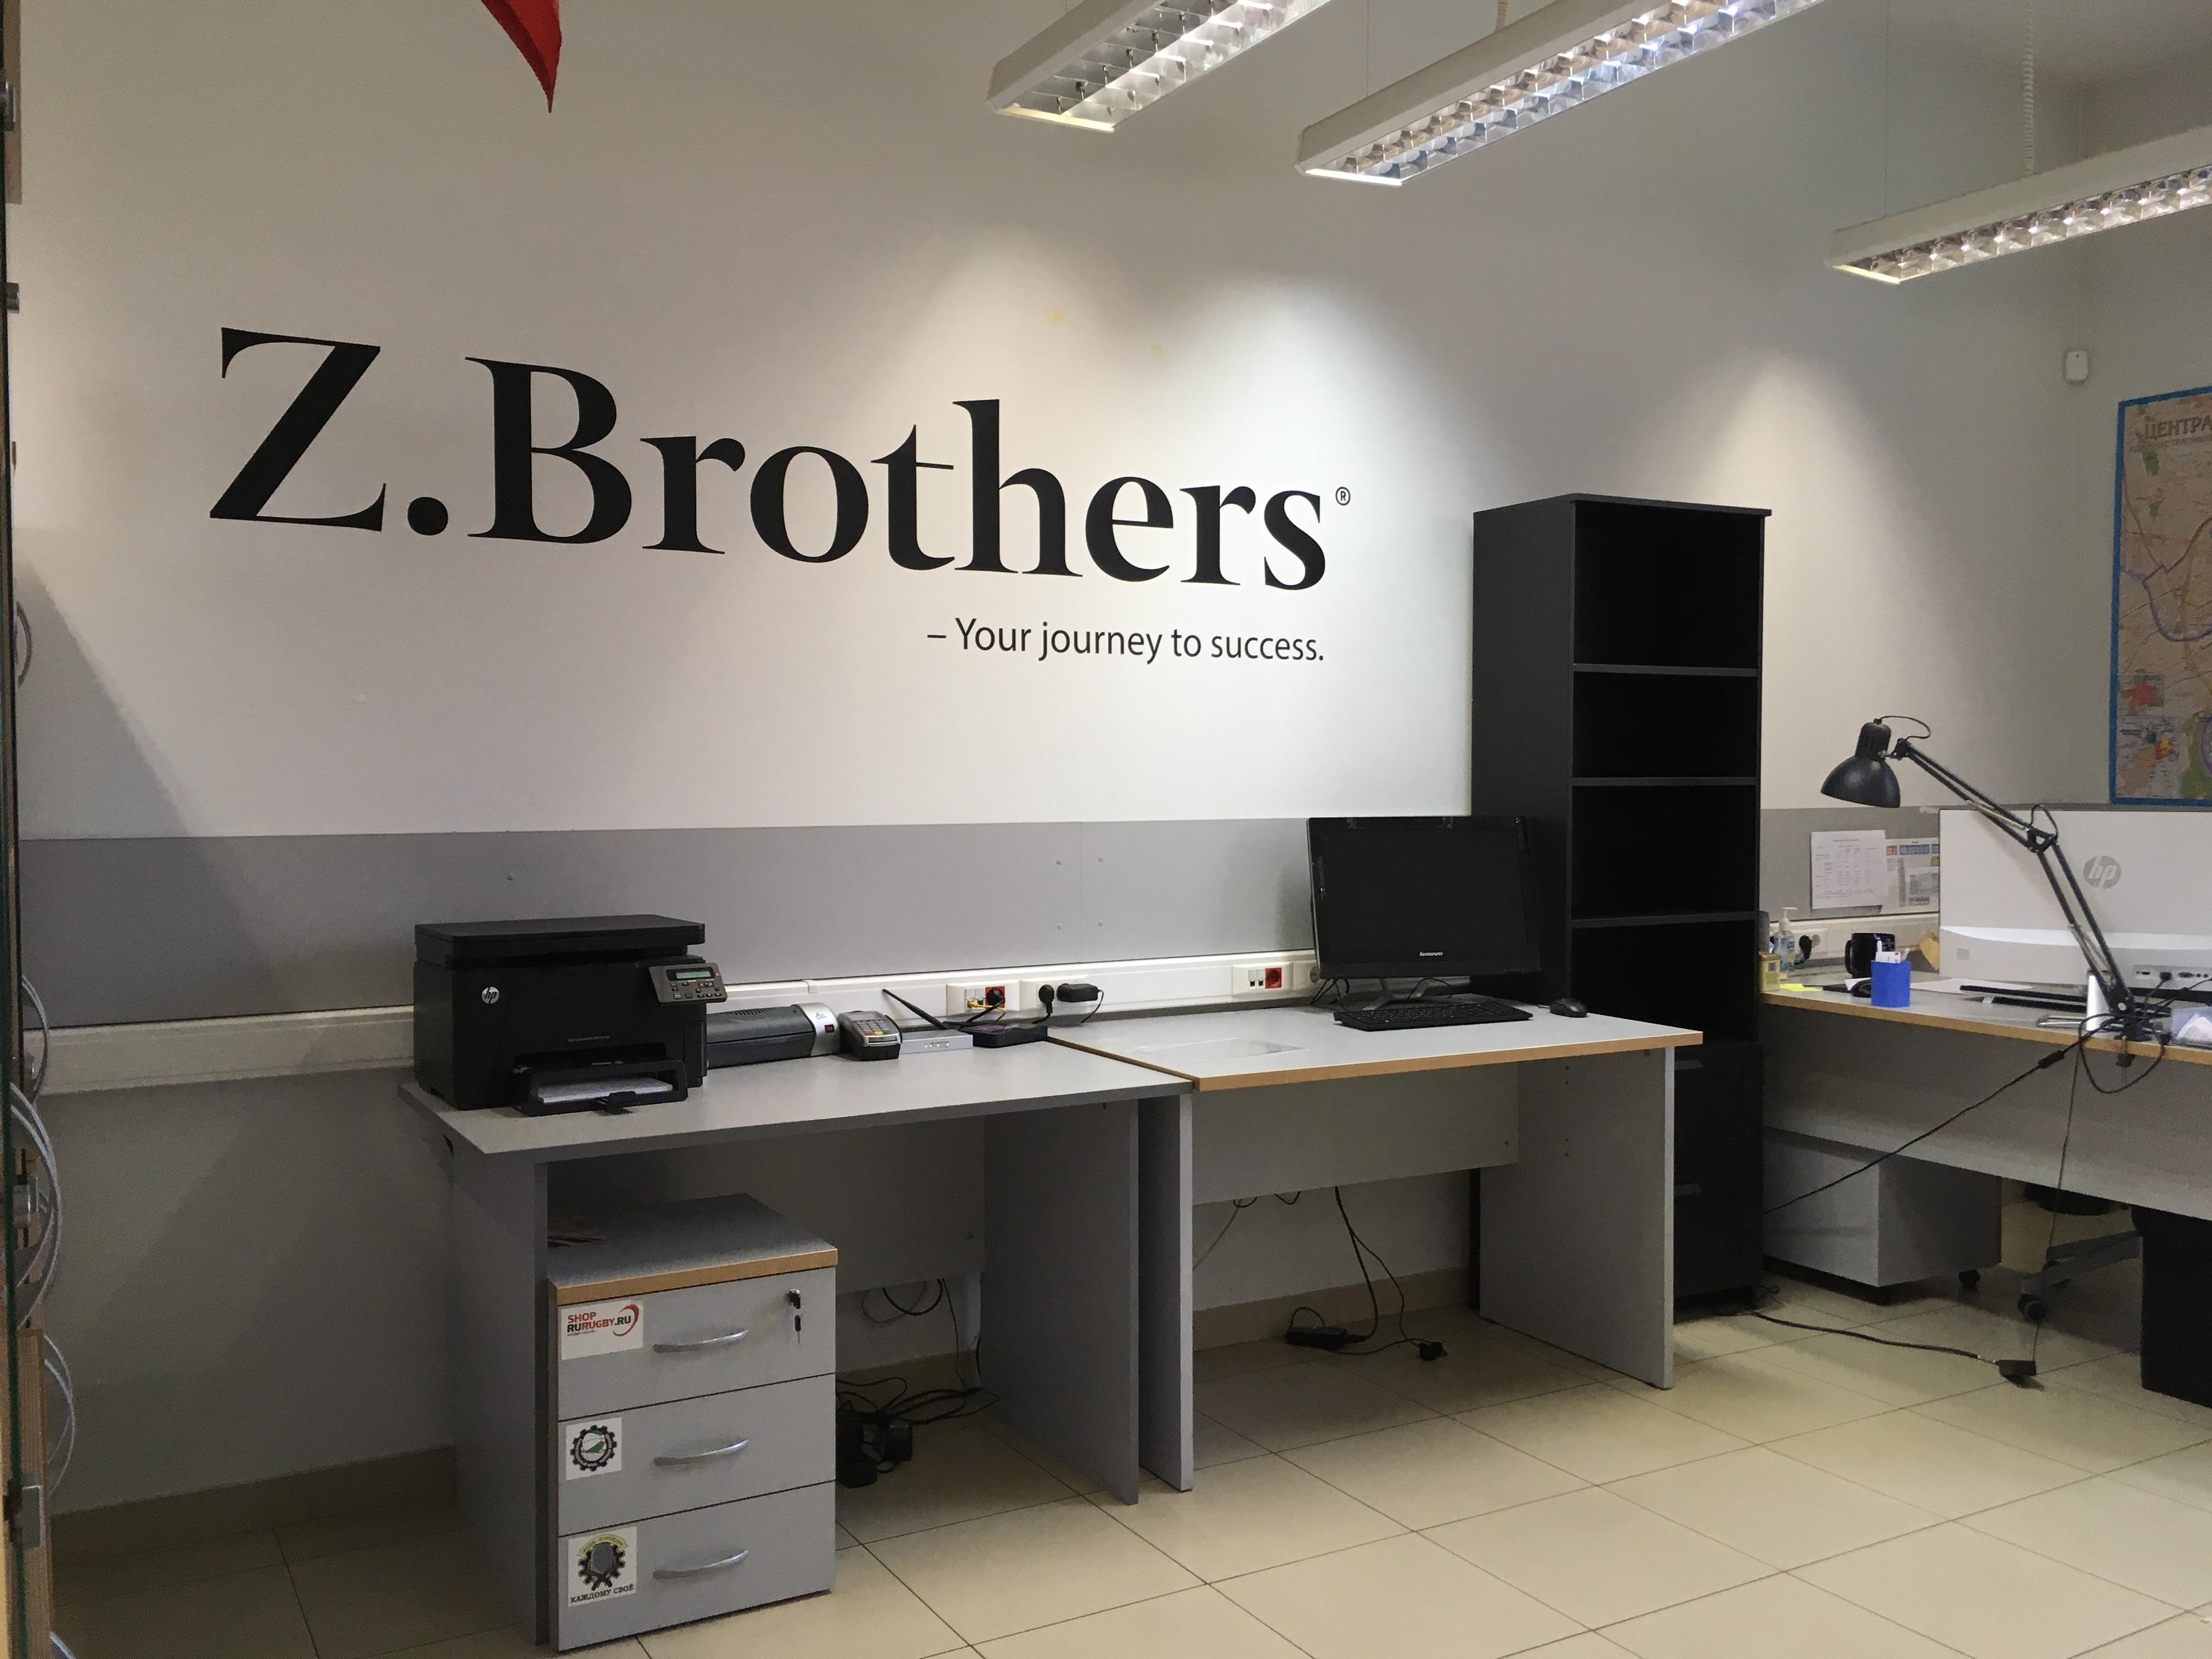 логотип на стене в офисе, нанесение логотипа